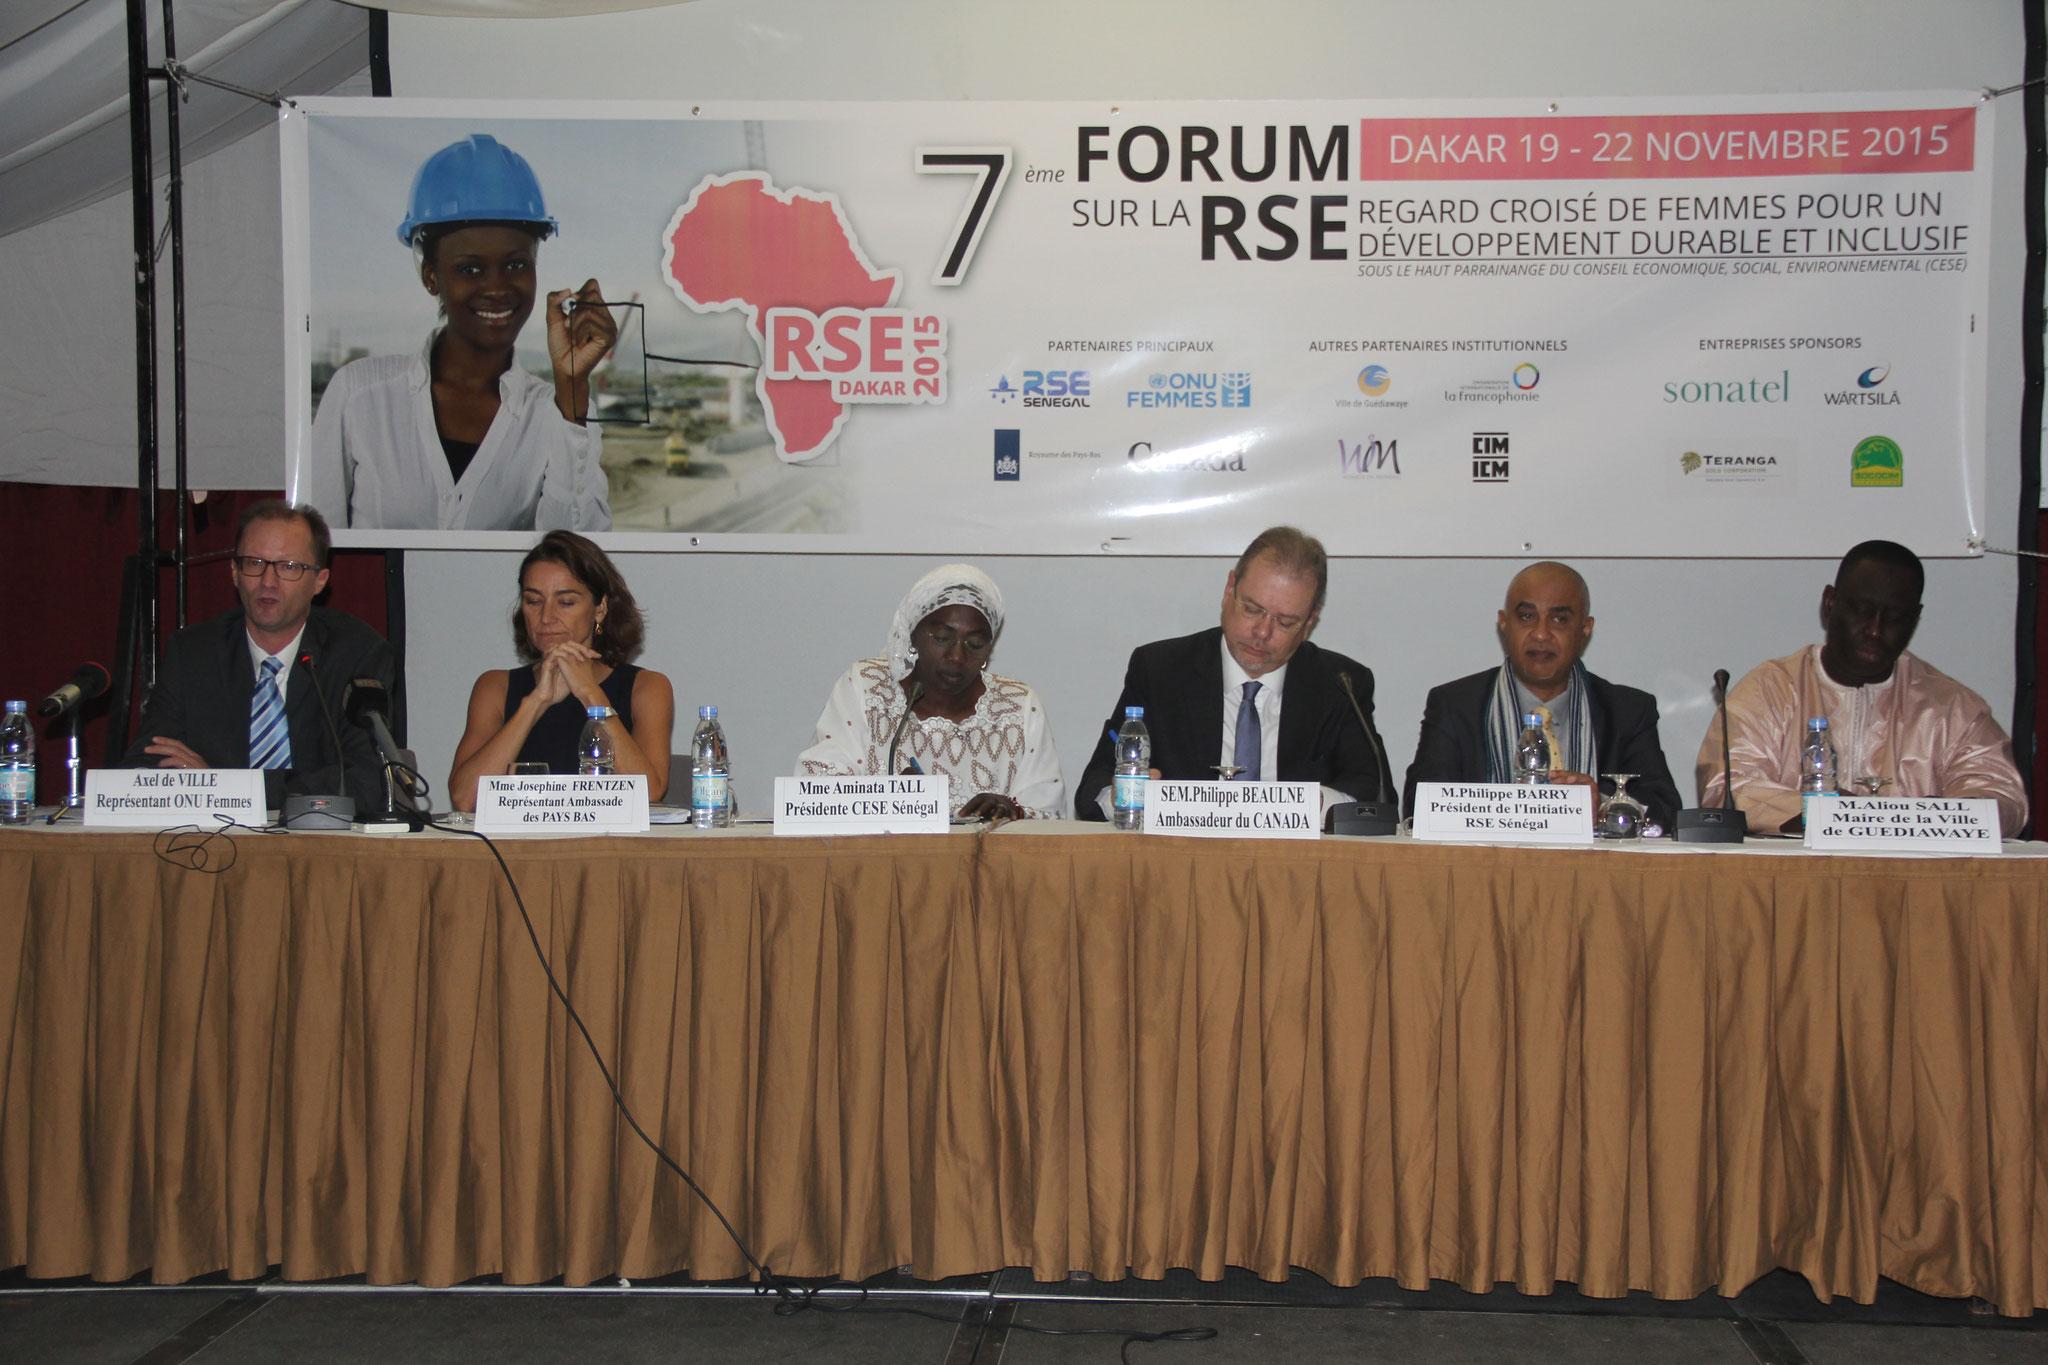 Forum RSE Senegal 2015 : Parrainage du Conseil Economique, Social, Environnemental